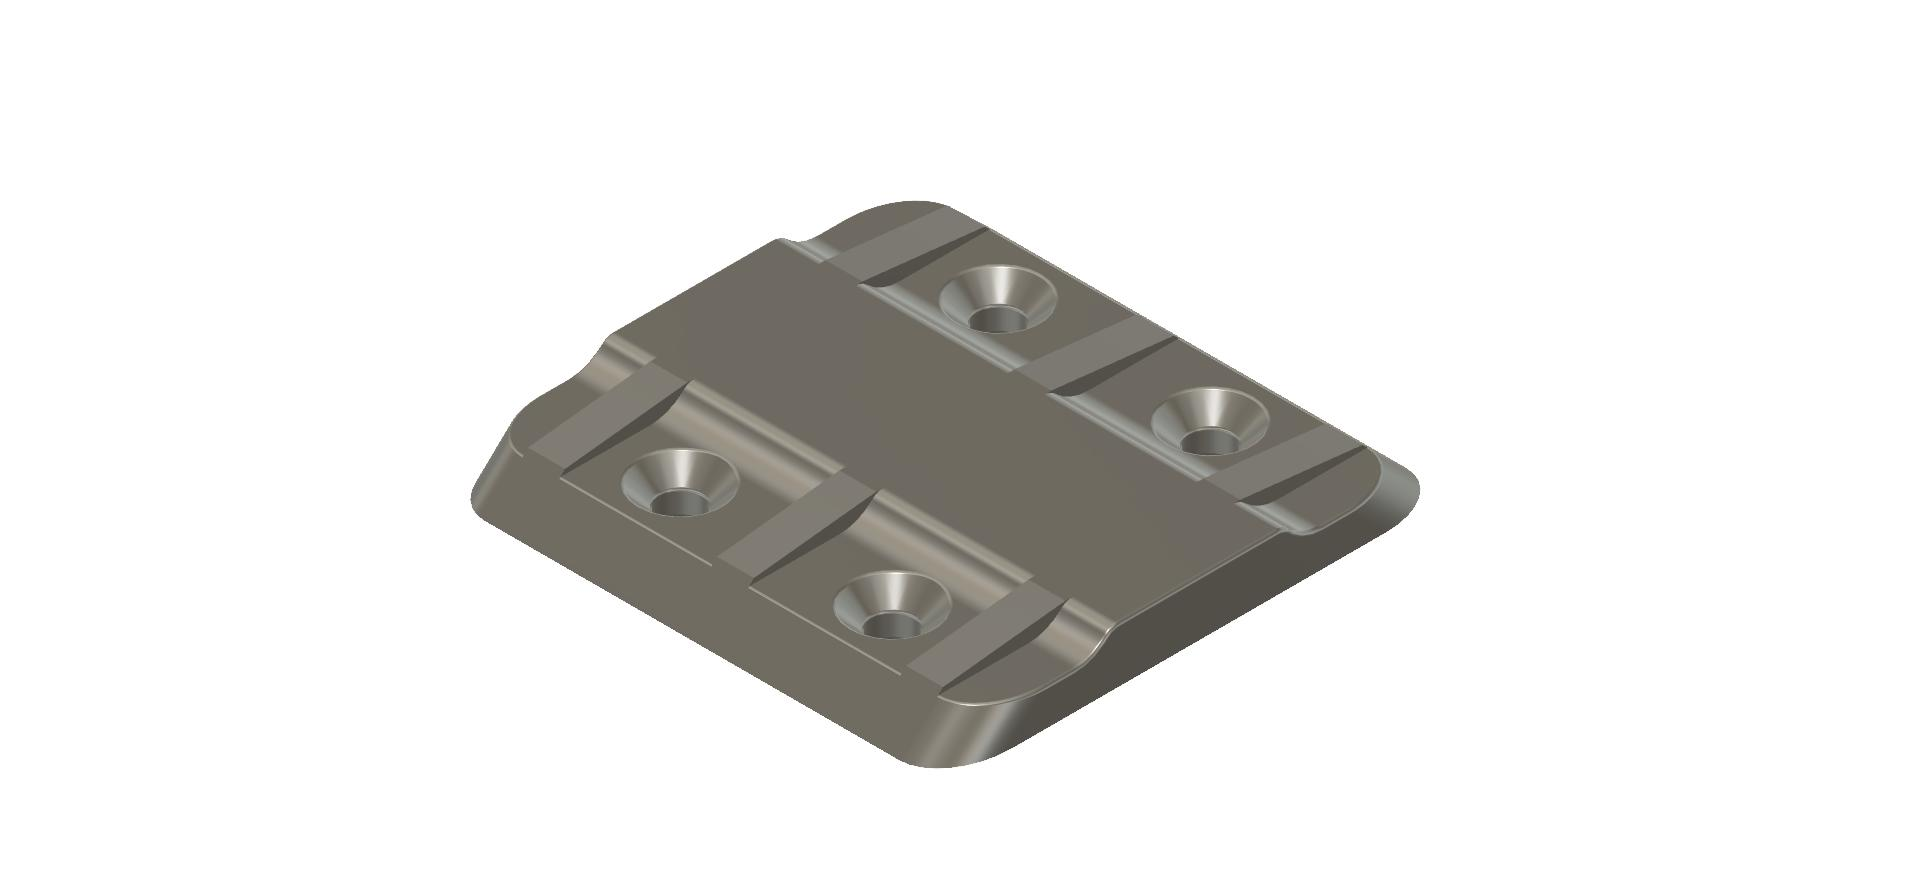 MID_SKID_BSR_BERSERKER.jpg Télécharger fichier STL gratuit PATINS BERSERKER BSR (MILIEU ET ARRIÈRE) • Plan imprimable en 3D, peterbroeders